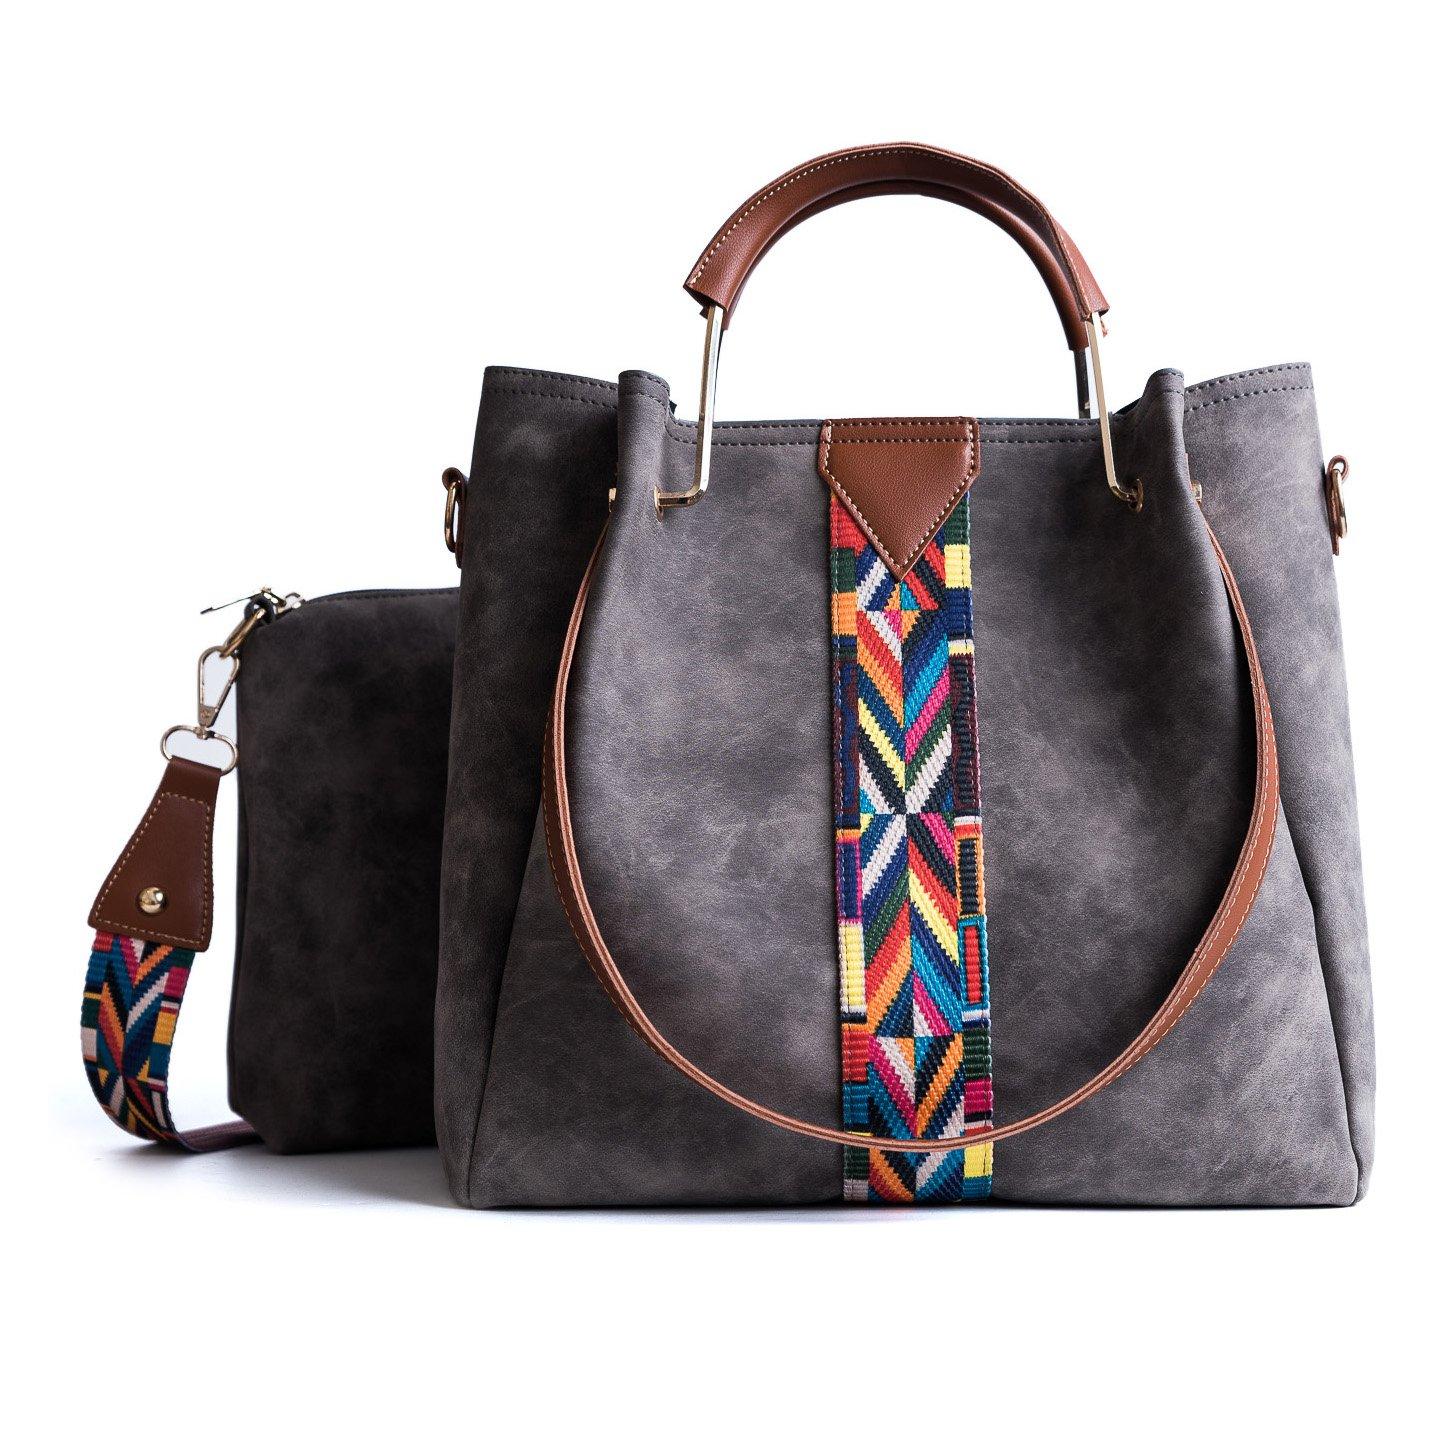 Tibes Femmes sac à main Porte-monnaie en cuir synthétique 2pcs ensemble sac Sac d'épaule Vintage Cartable de travail gris 111shoutibao155-huise